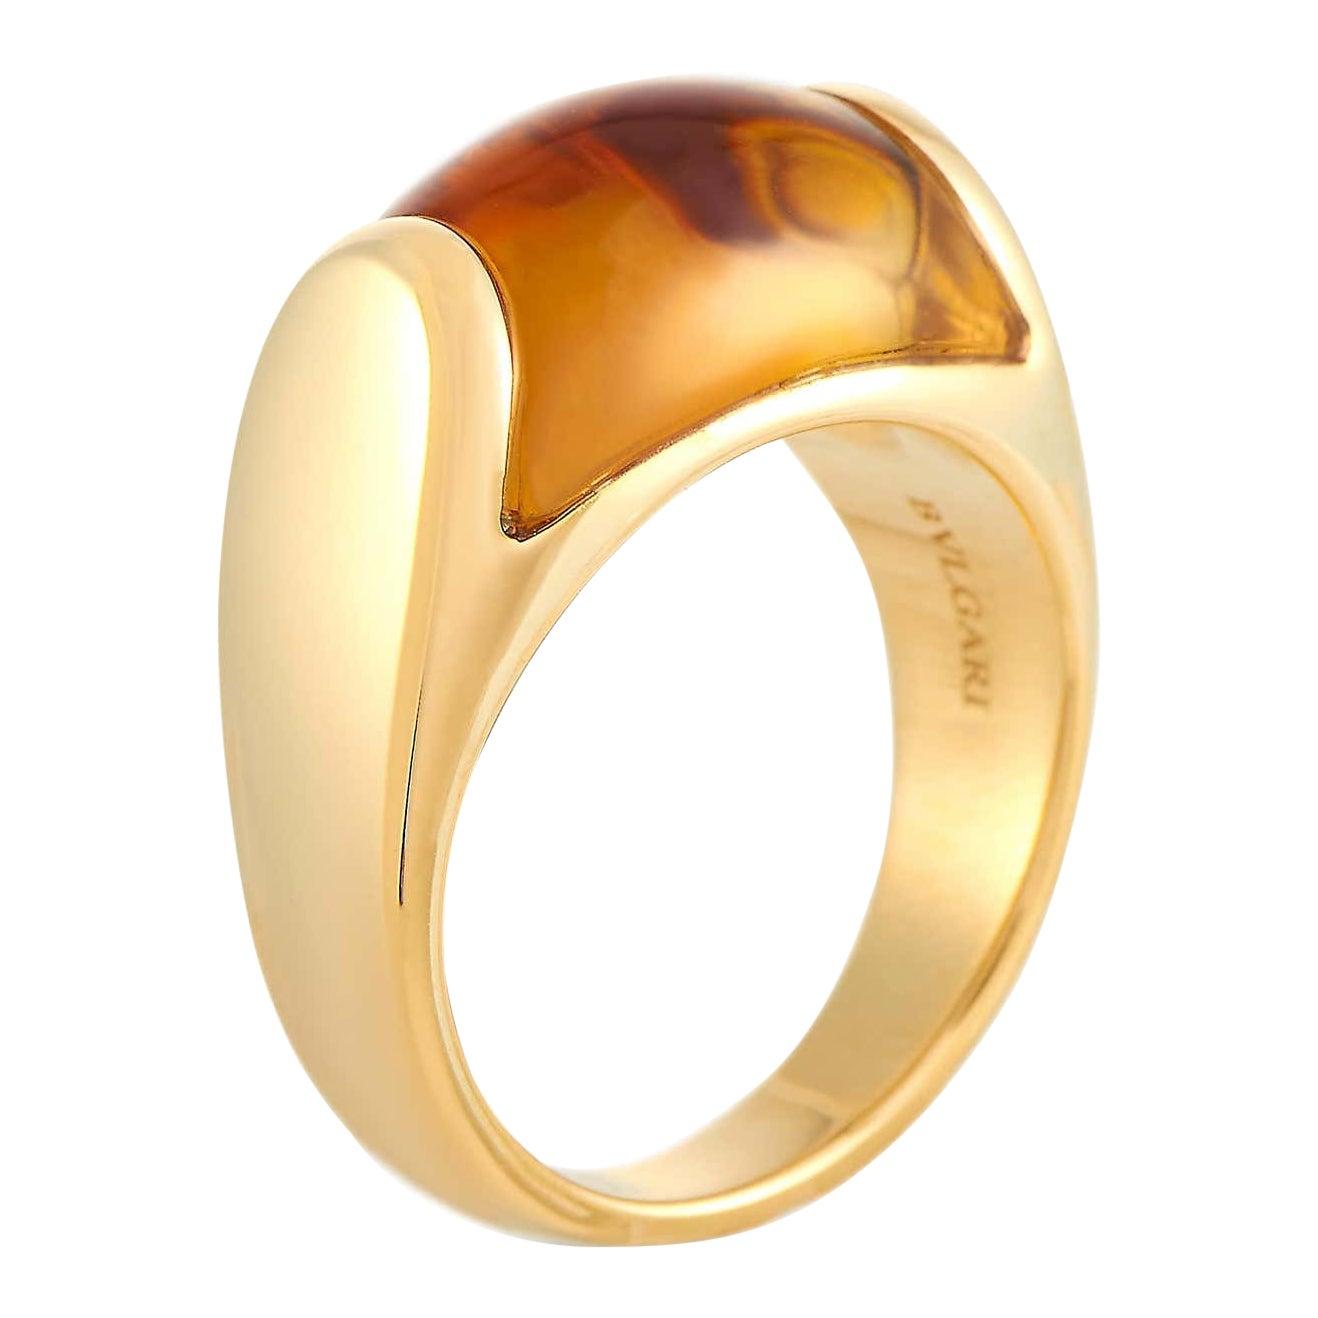 Bvlgari Bulgari Tronchetto 18 Karat Yellow Gold Orange Citrine Ring with Box